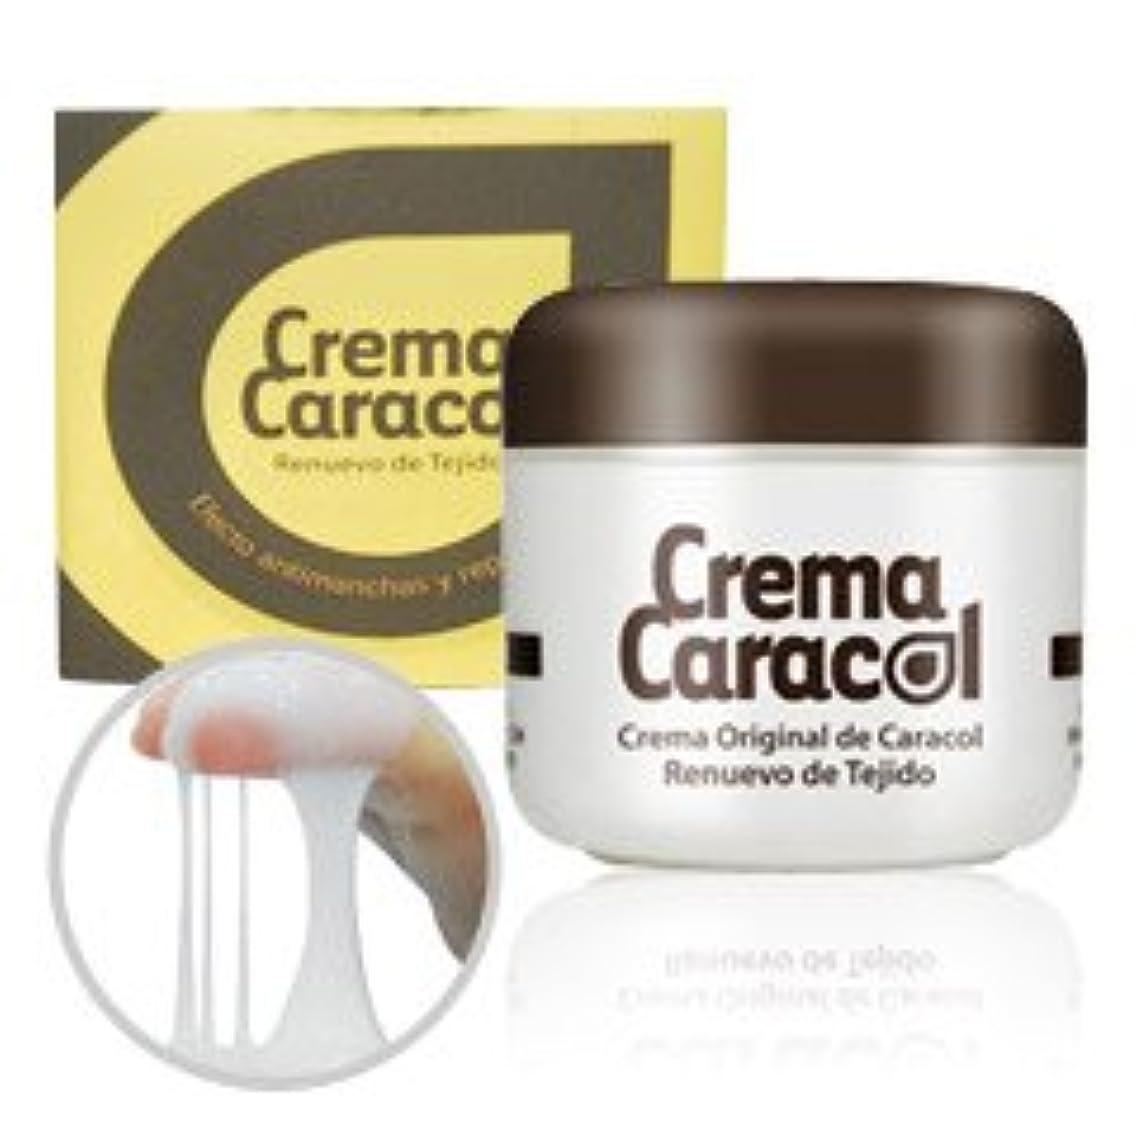 アウター分配しますシュリンクcrema caracol(カラコール) かたつむりクリーム 3個セット